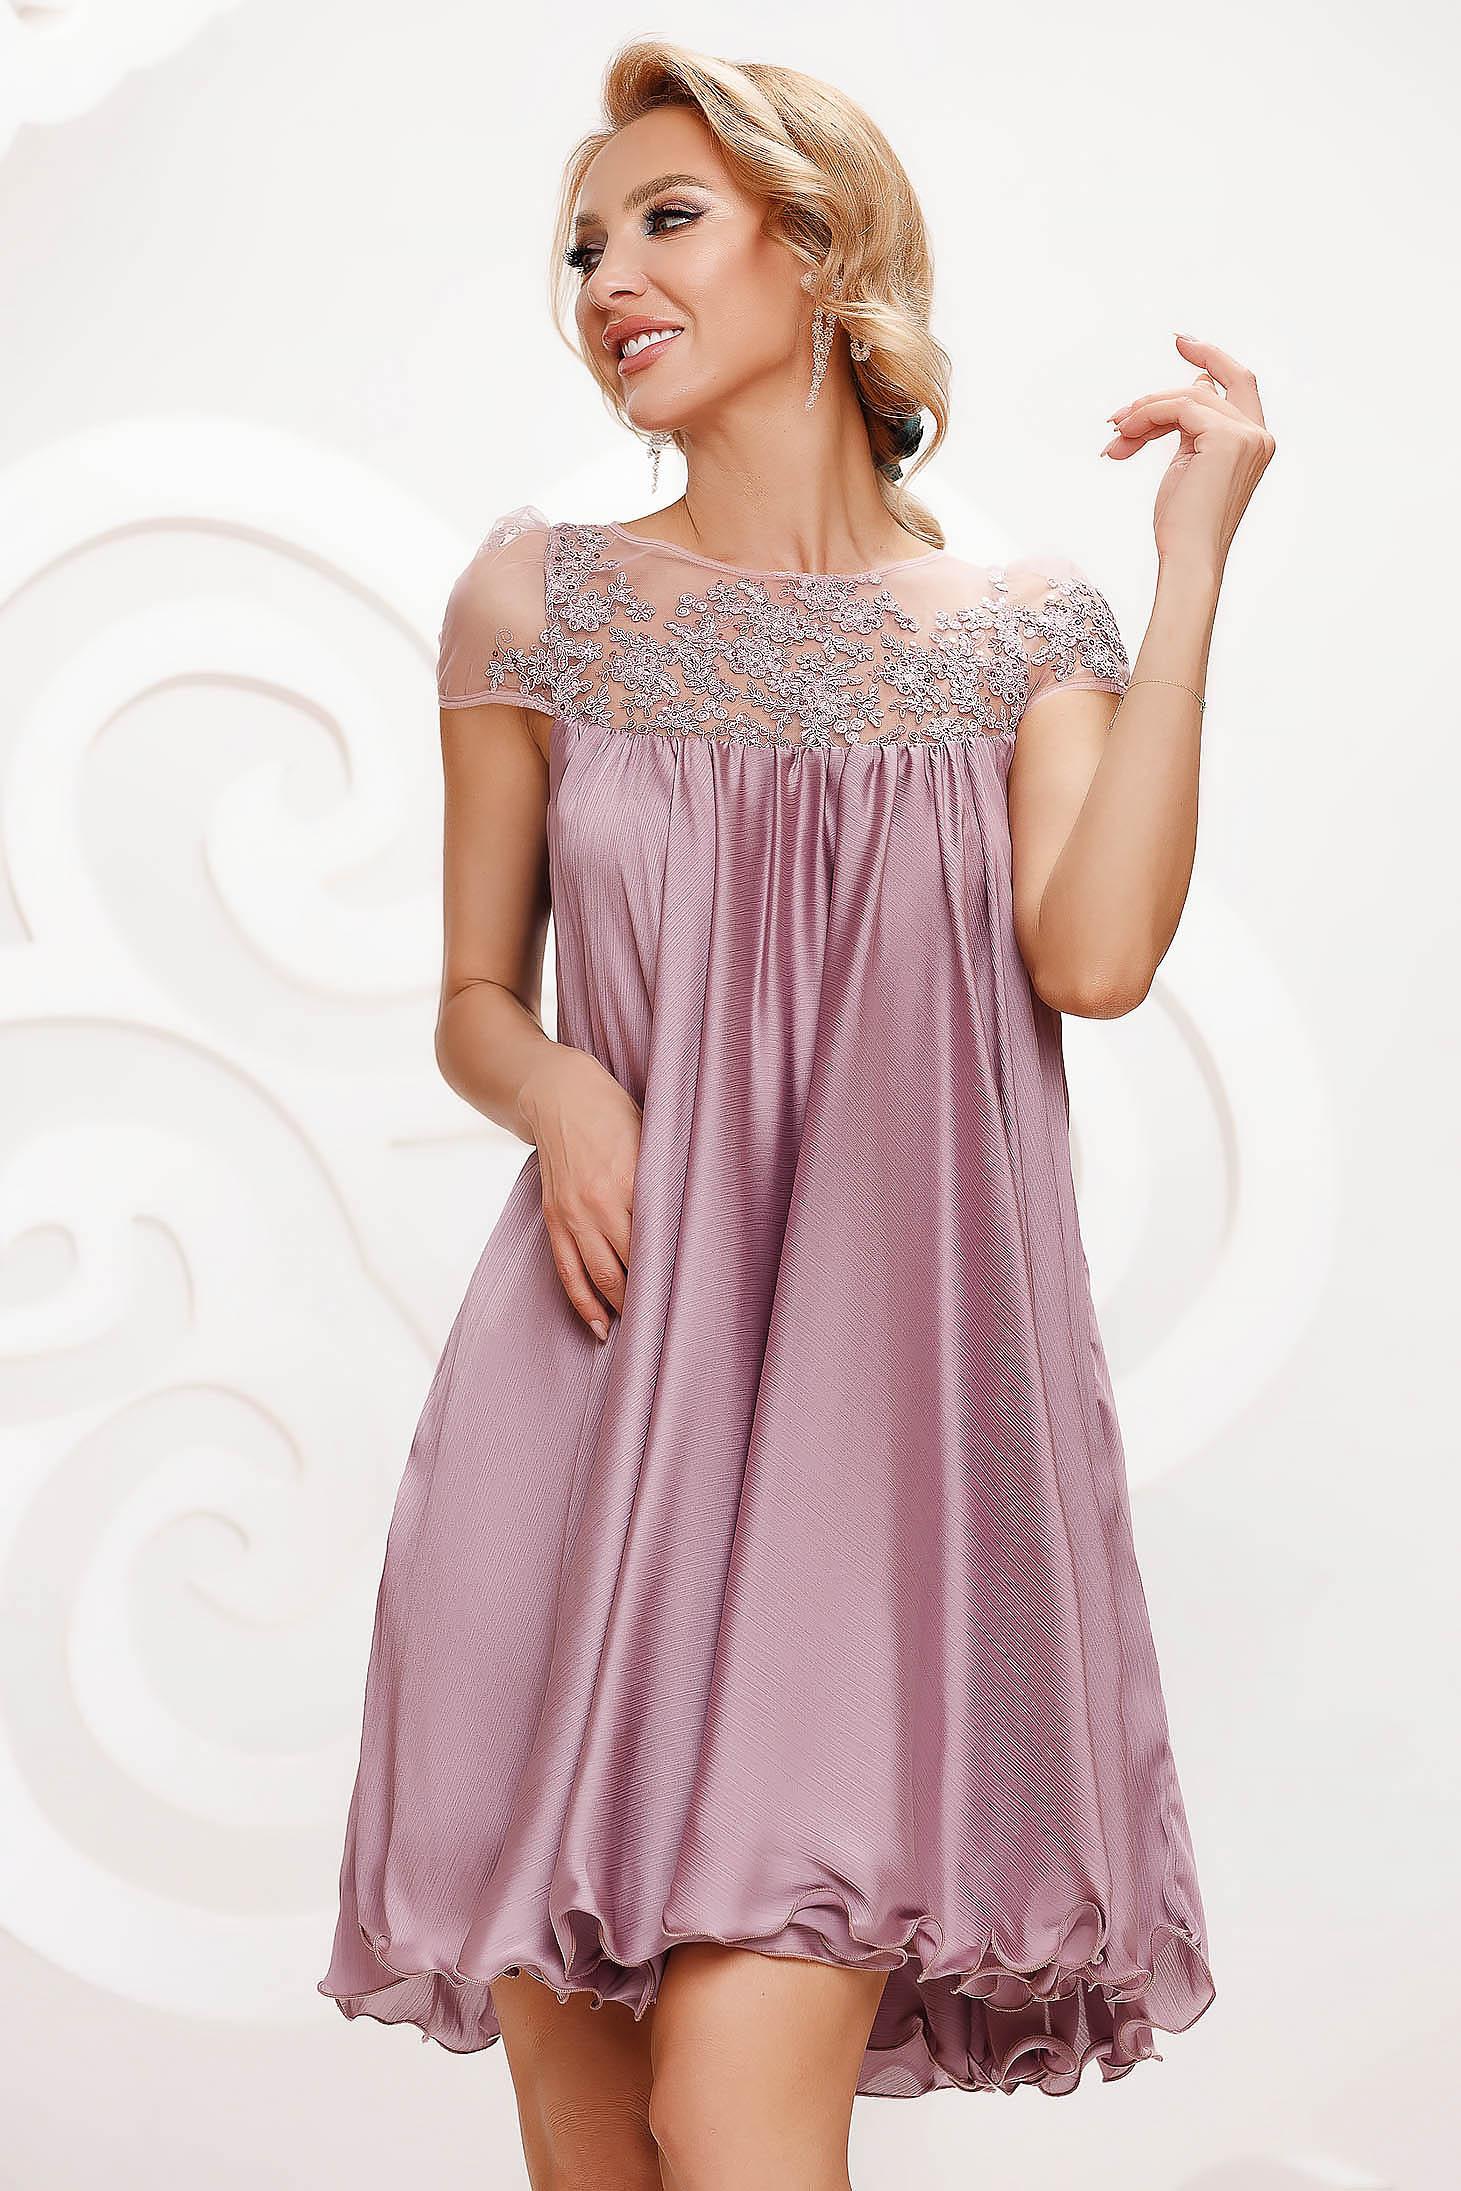 Világos rózsaszín bő szabású alkalmi ruha hímzett betétekkel muszlinból és béléssel